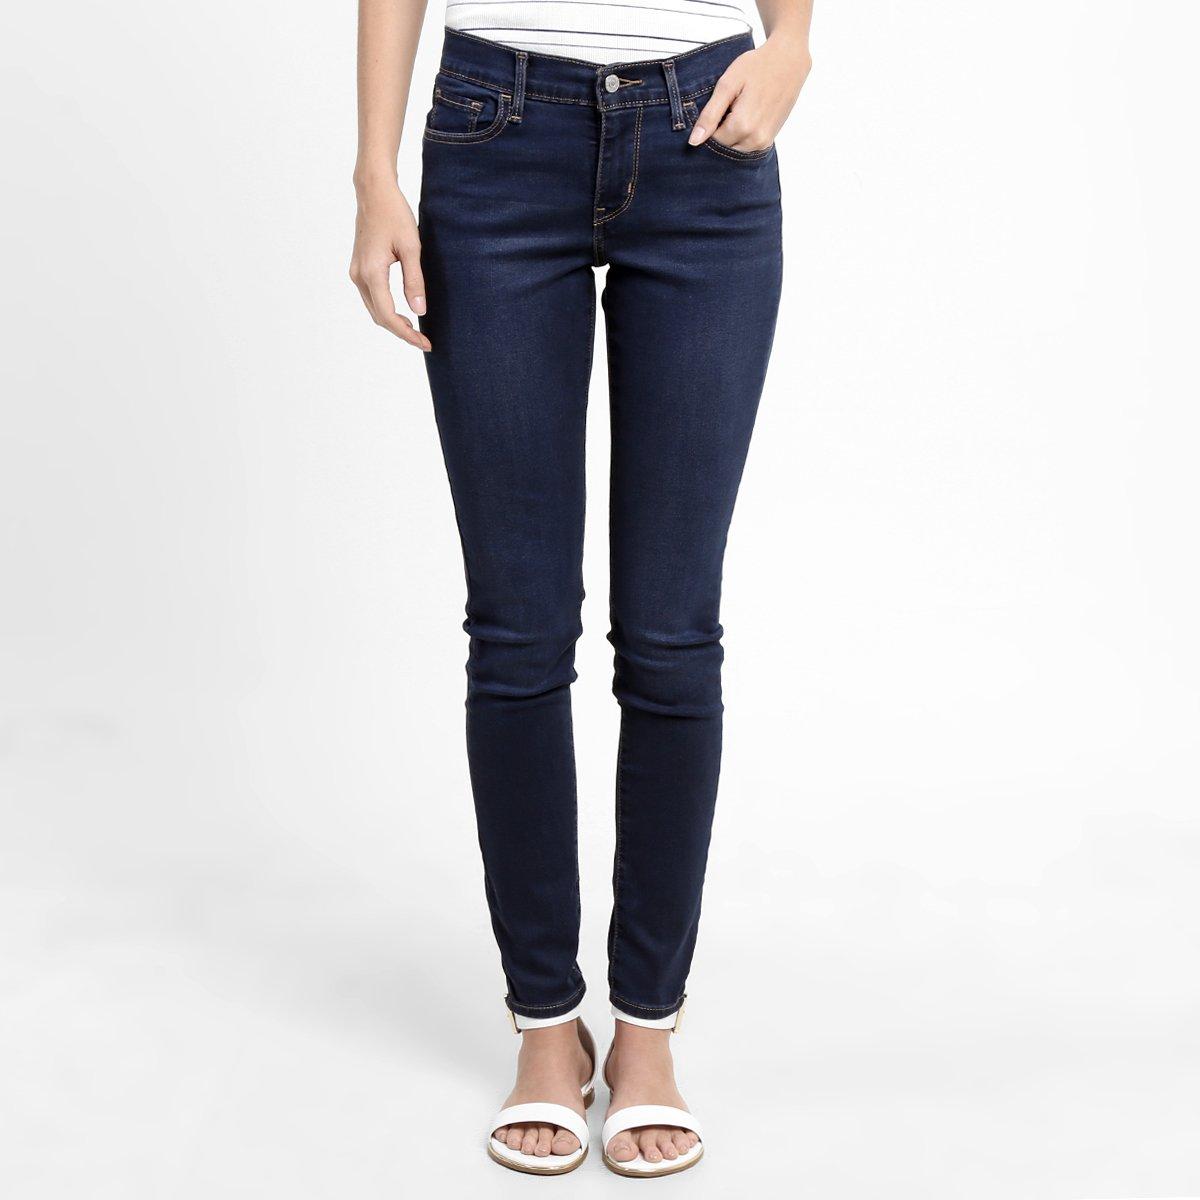 938858c51 Calça Jeans Levi´s Super Skinny - Compre Agora